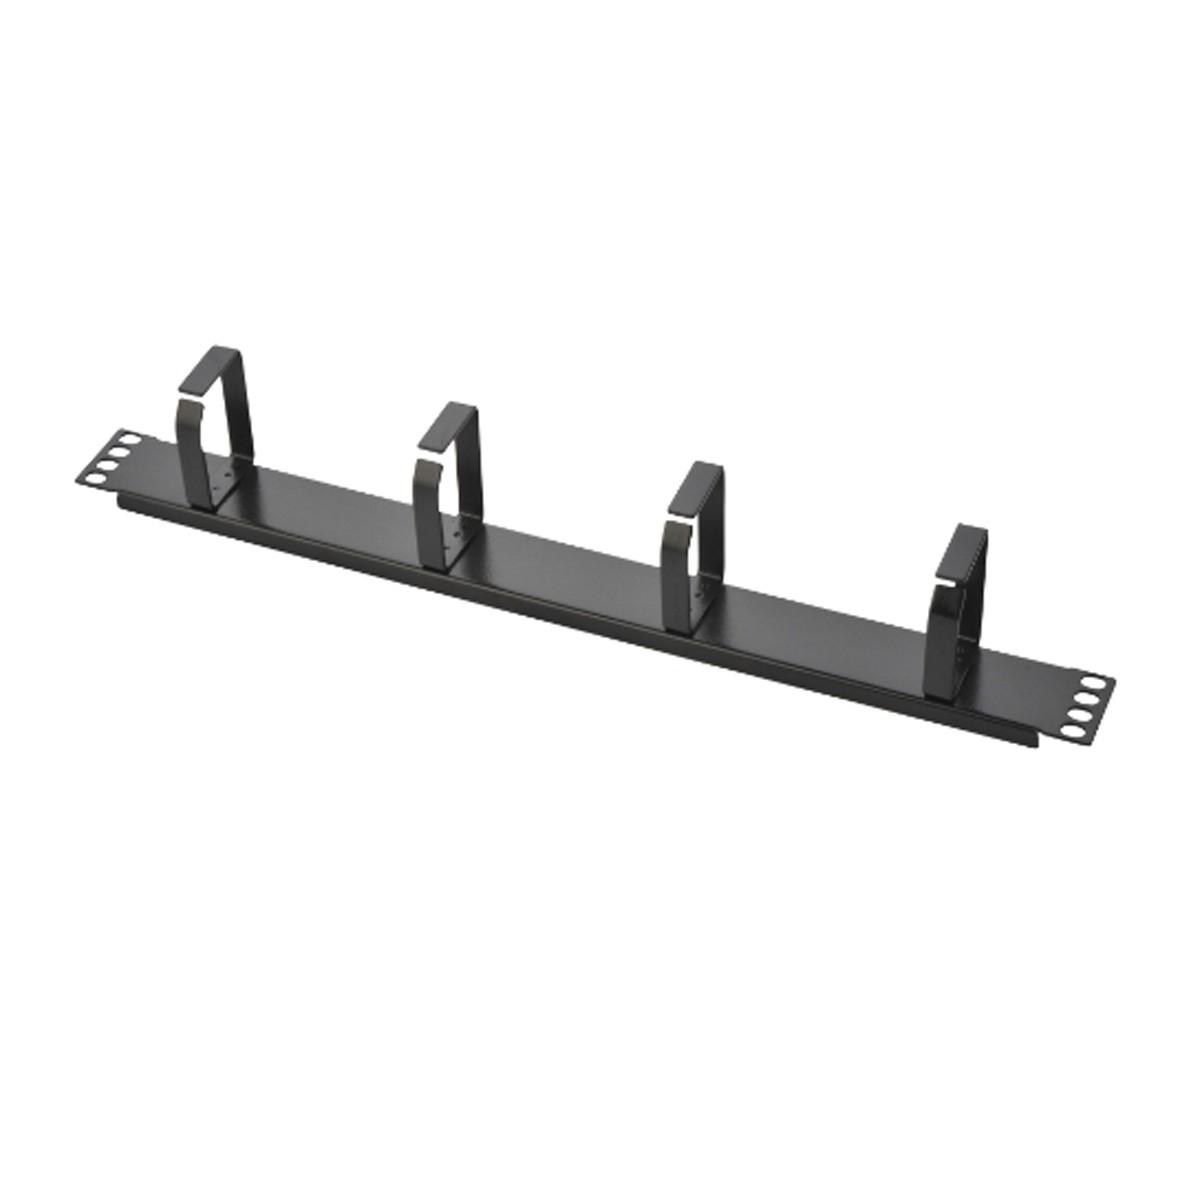 CM1 1U Metal Cable Management